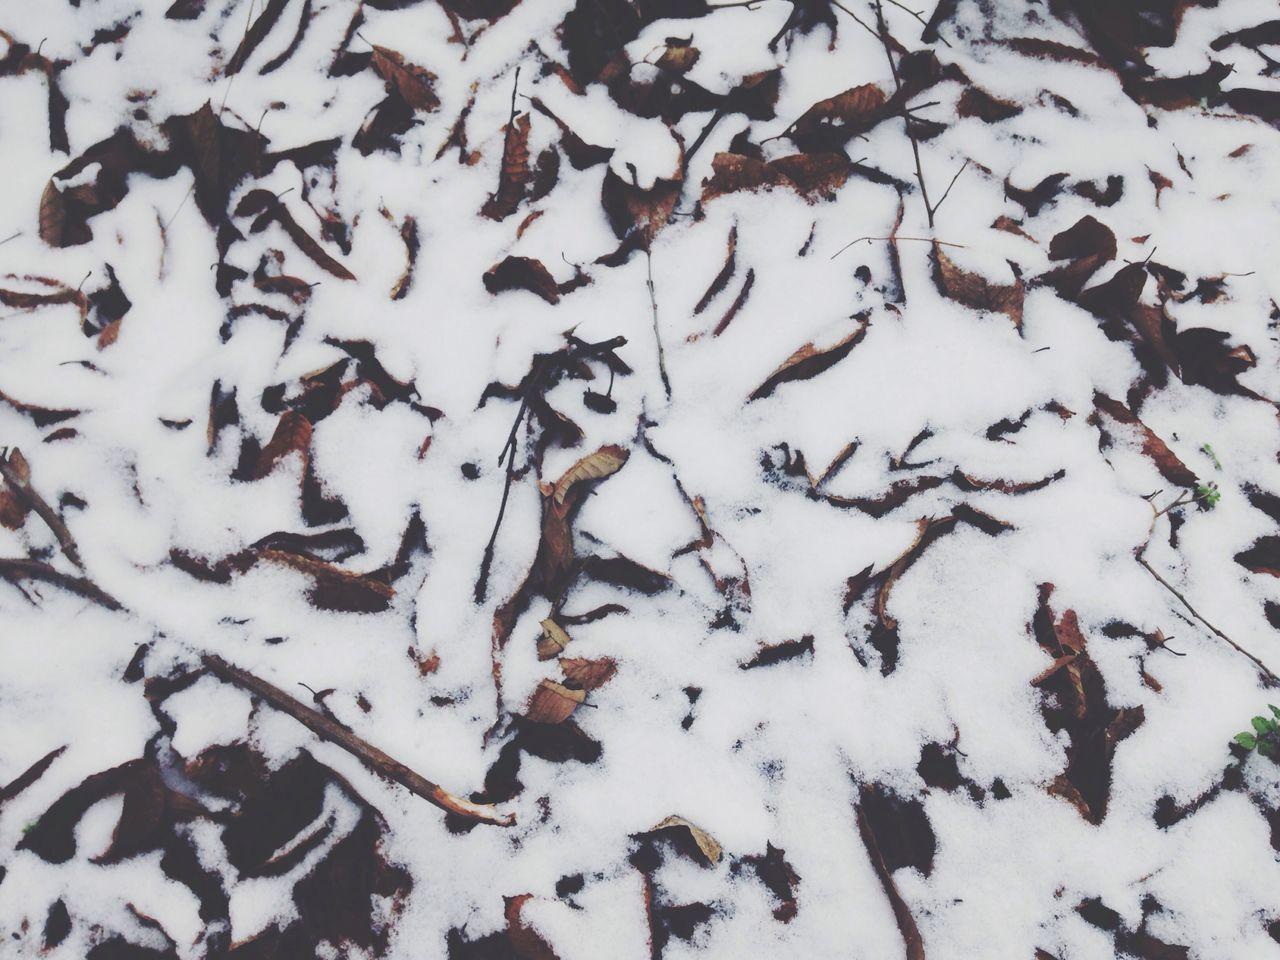 Full Frame Shot Of Fallen Leaves On Snowcapped Field During Winter